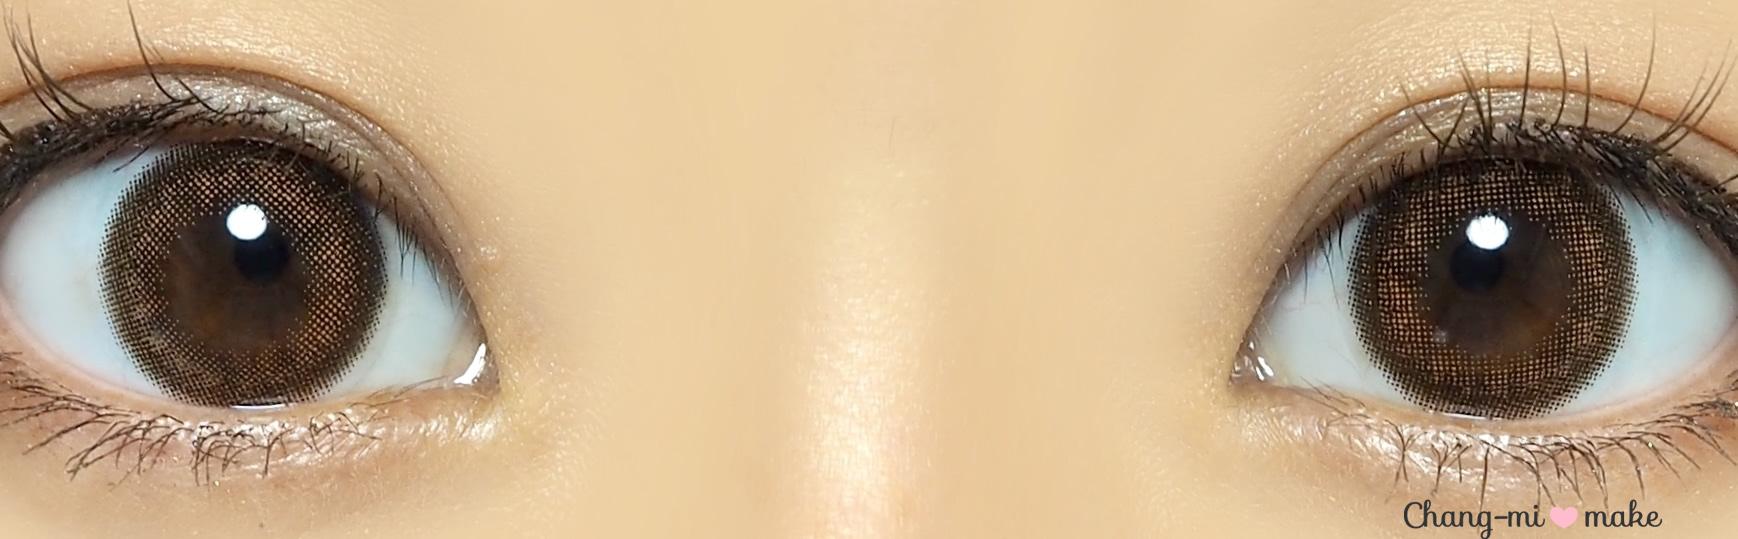 スウィートオレンジ13